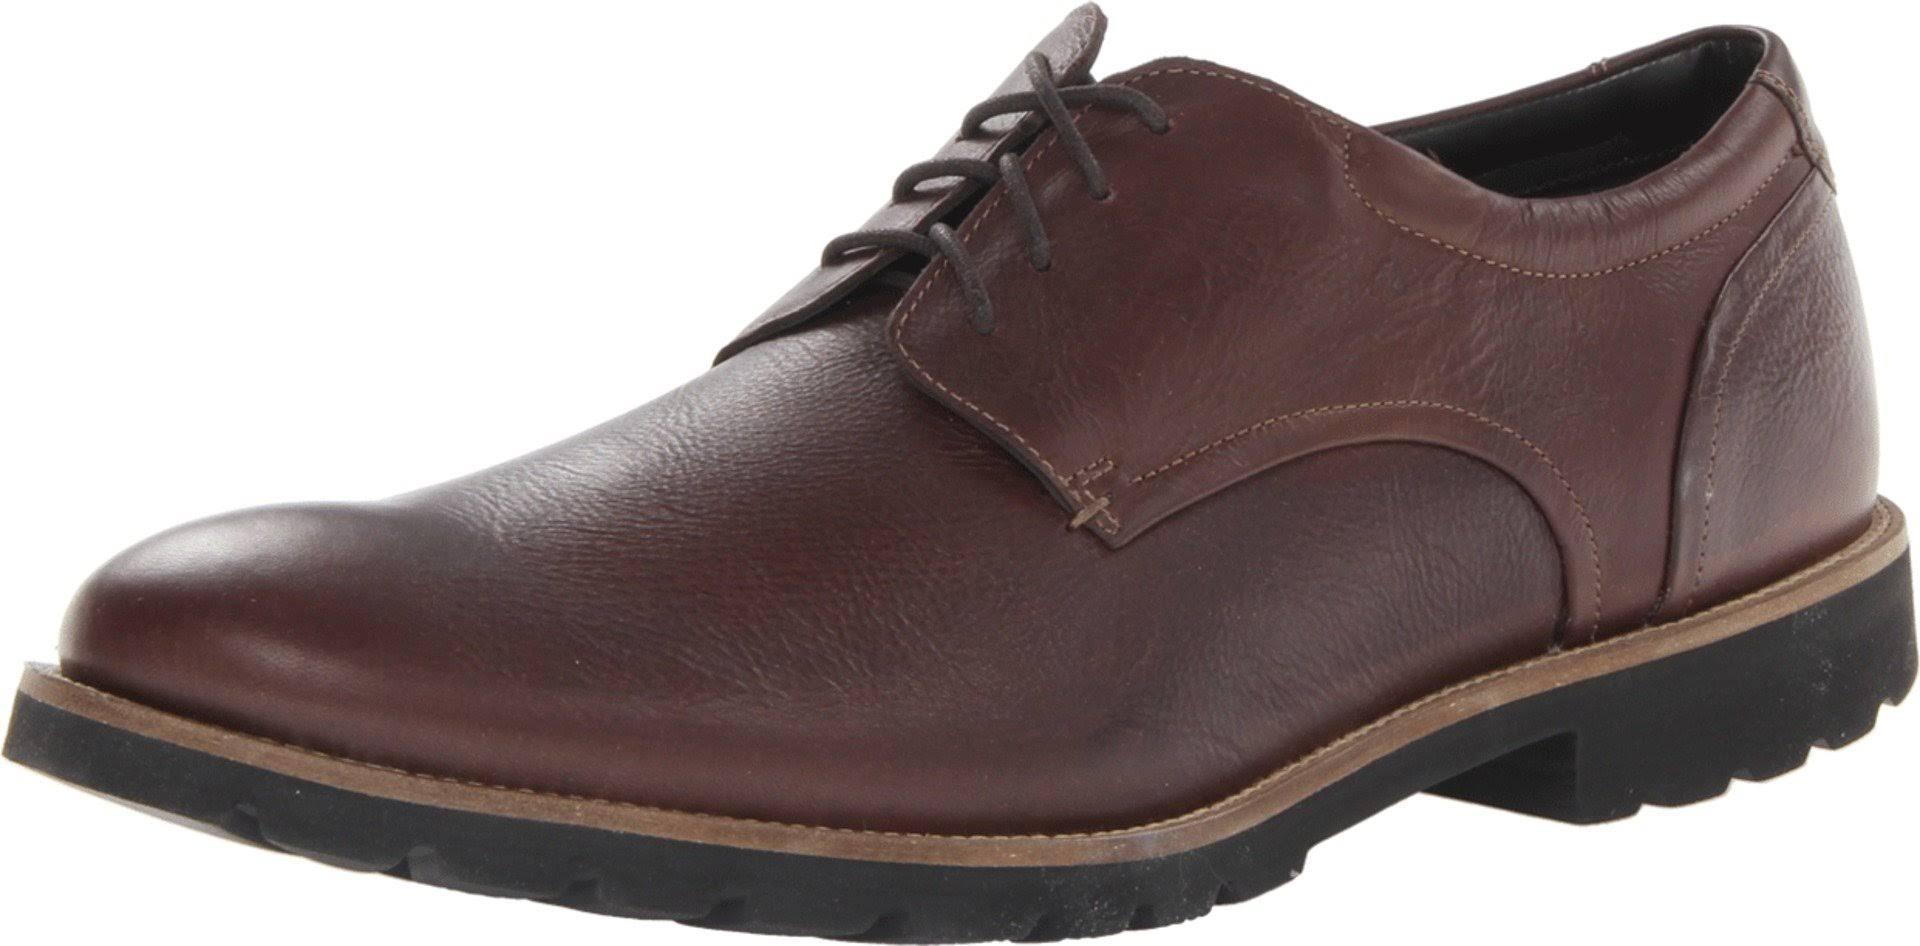 Sharp voor Colben Oxford en heren Rockport Black Ready Chocolate 8nyvw0mNO